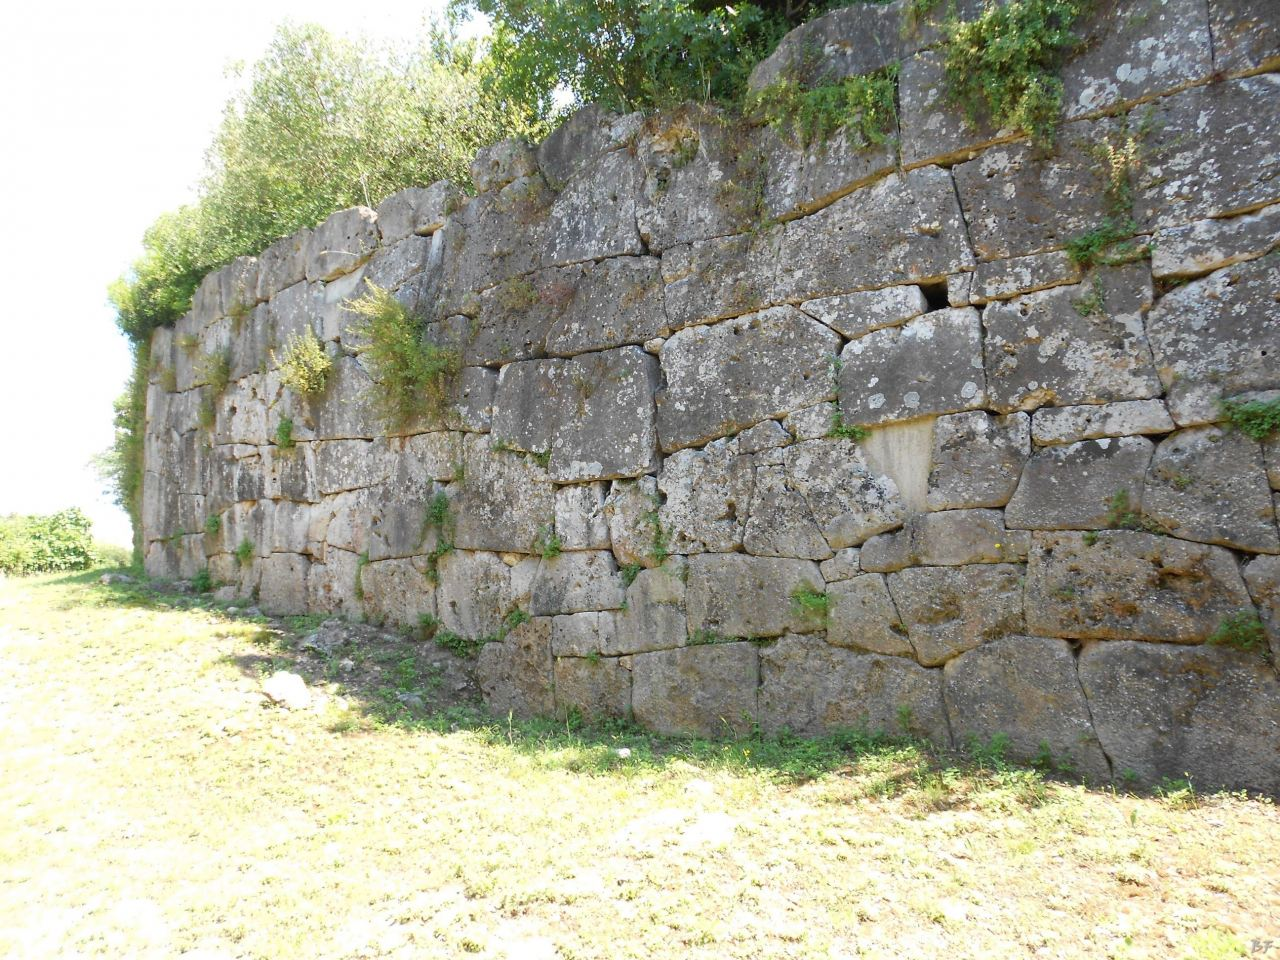 Cosa-Mura-Megalitiche-Ansedonia-Grosseto-Toscana-Italia-29